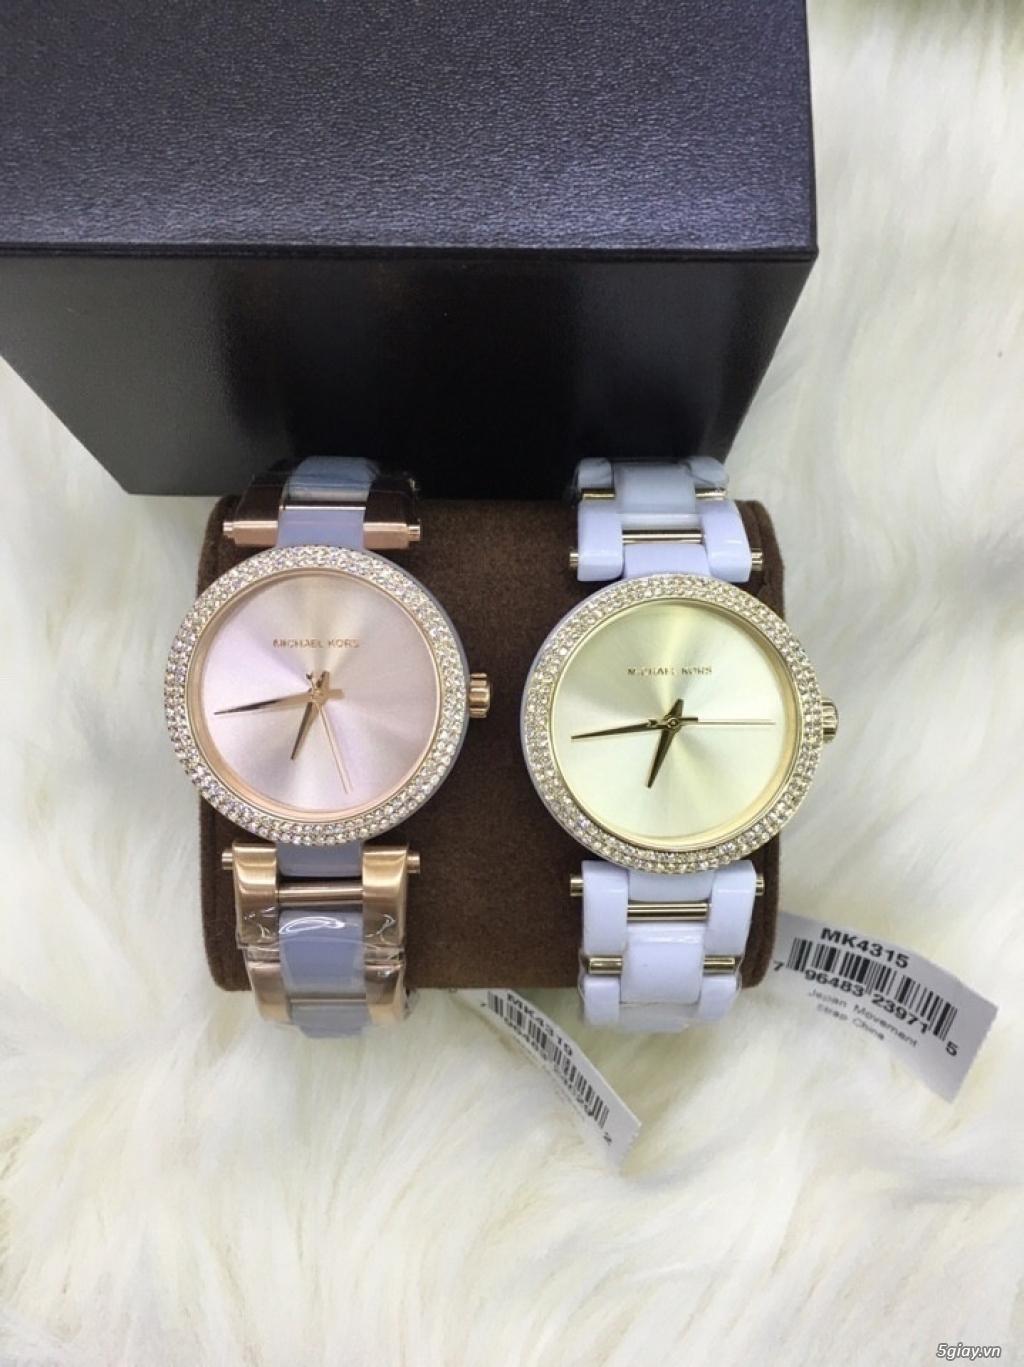 Đồng hồ chính hãng Michael Kors giá rẻ - 31